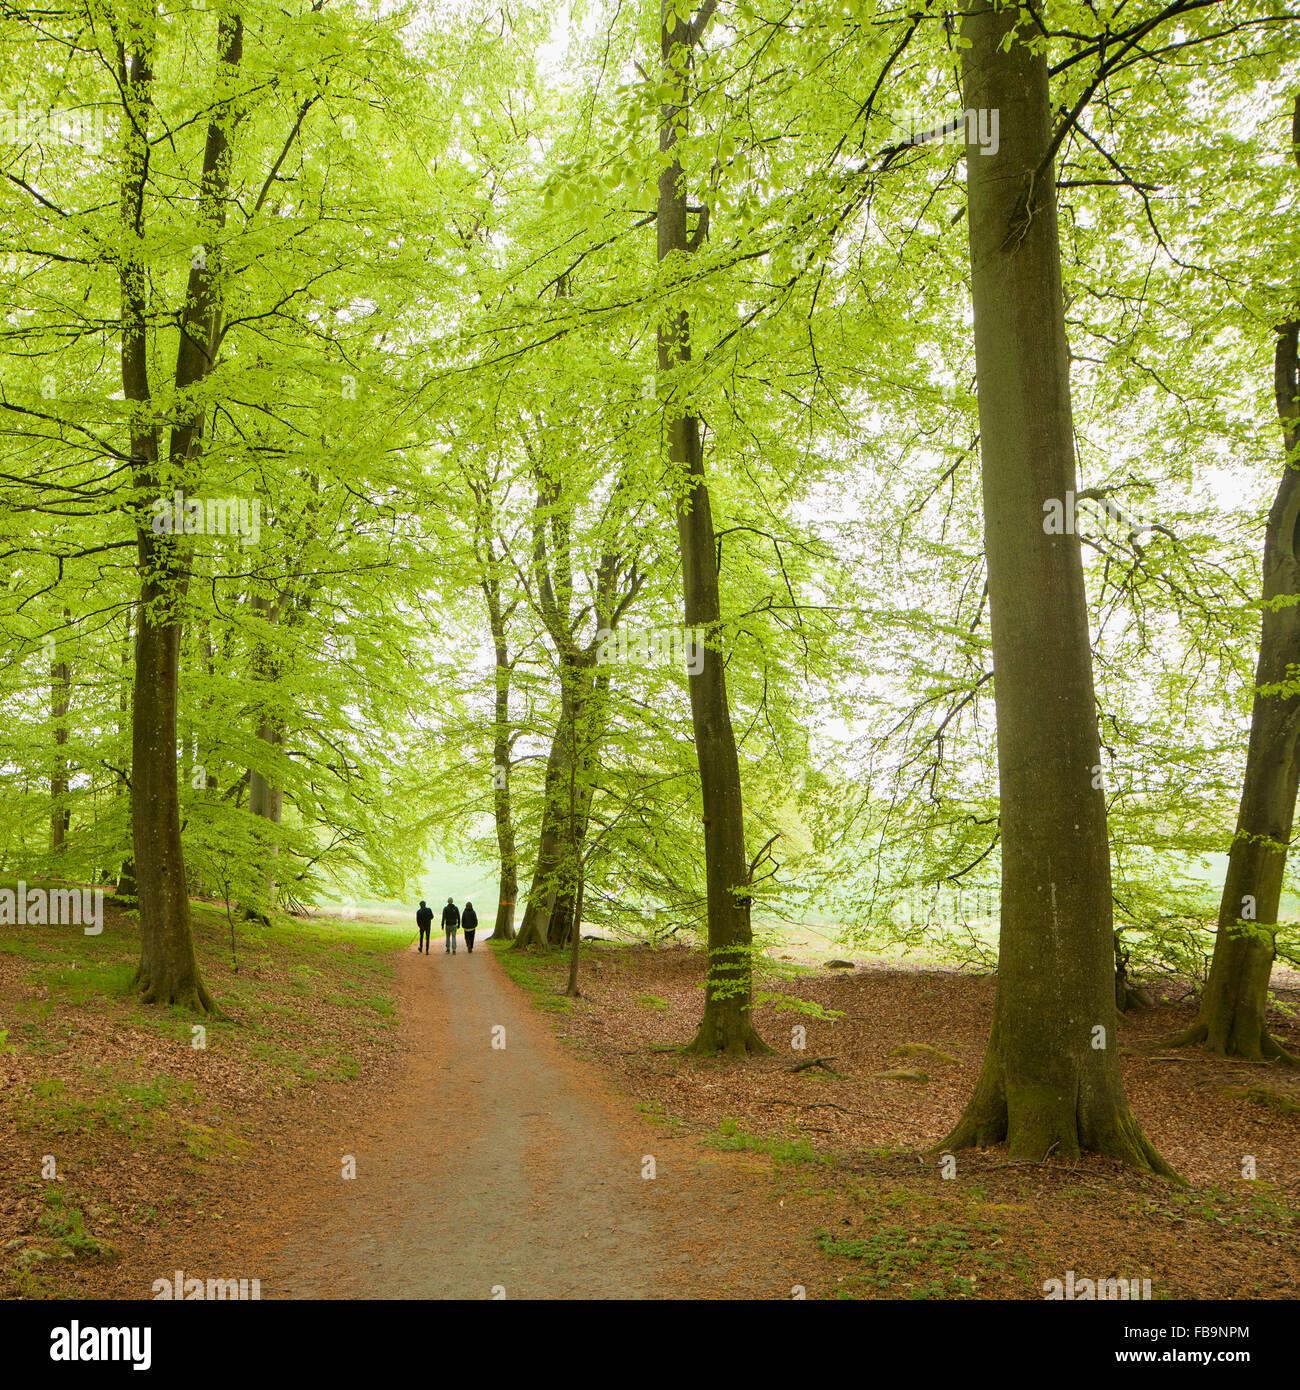 Sweden, Skane, People walking in forest - Stock Image